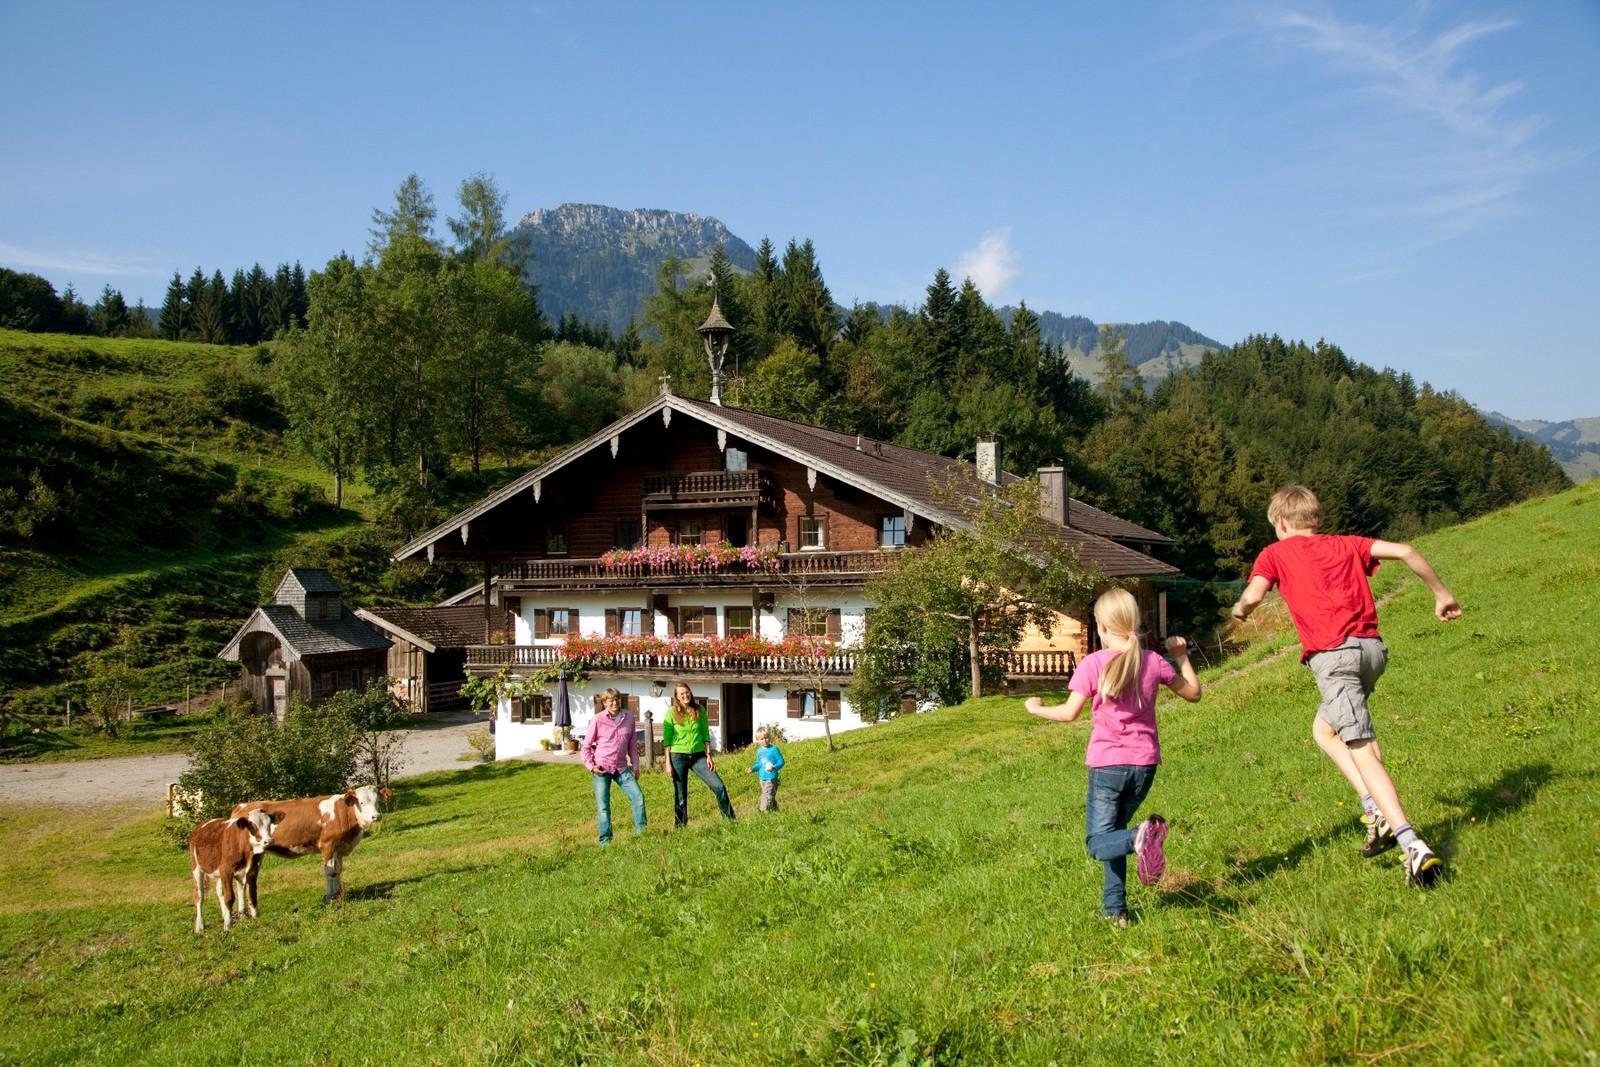 kinder-urlaub-auf-dem-bauernhof-chiemsee-alpenland.jpg